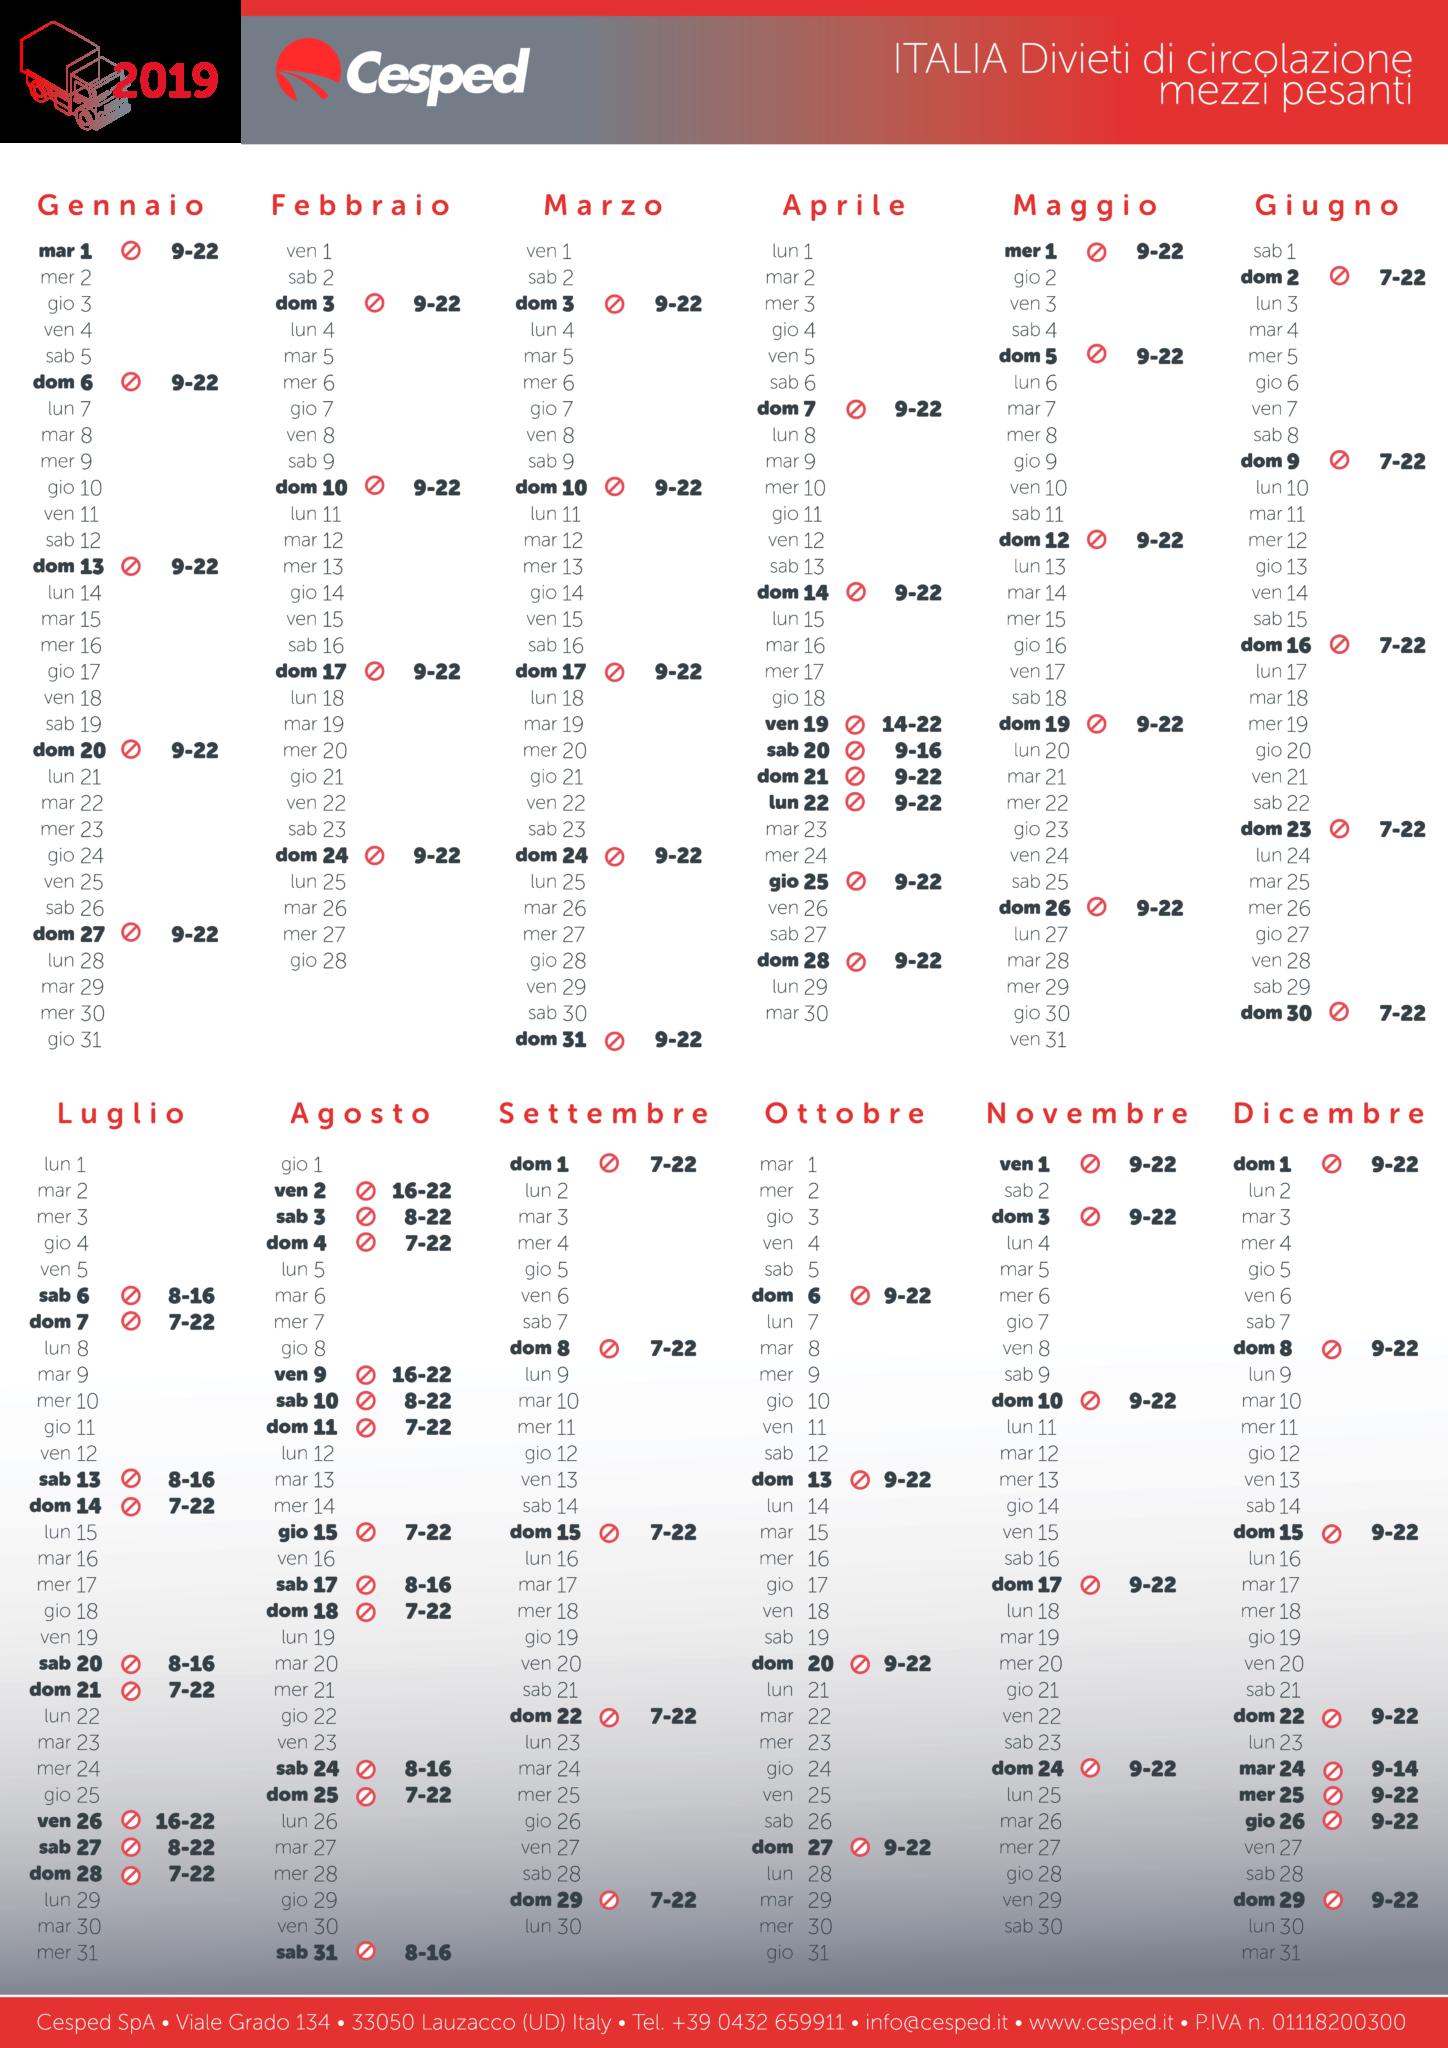 Calendario Aprile 2018 Con Festivita.Calendario 2019 Divieti Di Circolazione Per Mezzi Pesanti